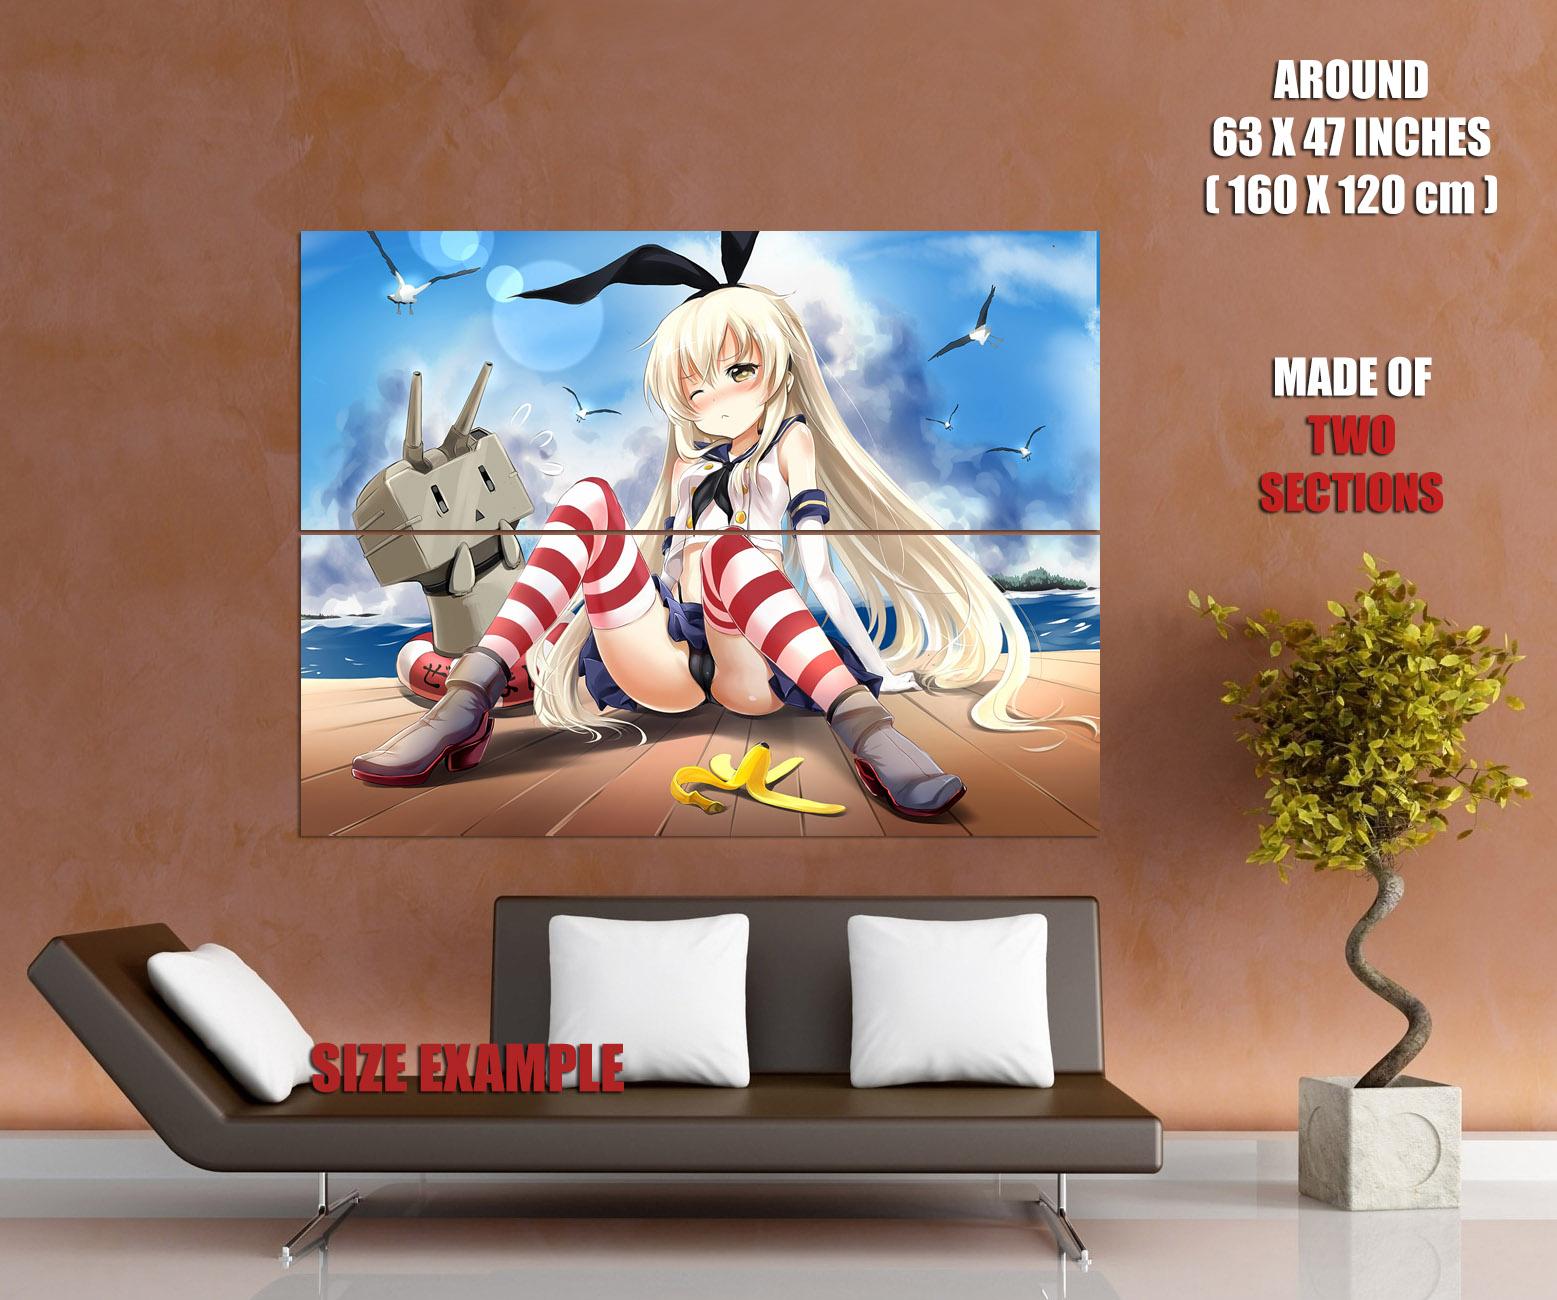 Kantai Collection Hot Cute Girl Panties Anime Huge Giant Print POSTER Plakat